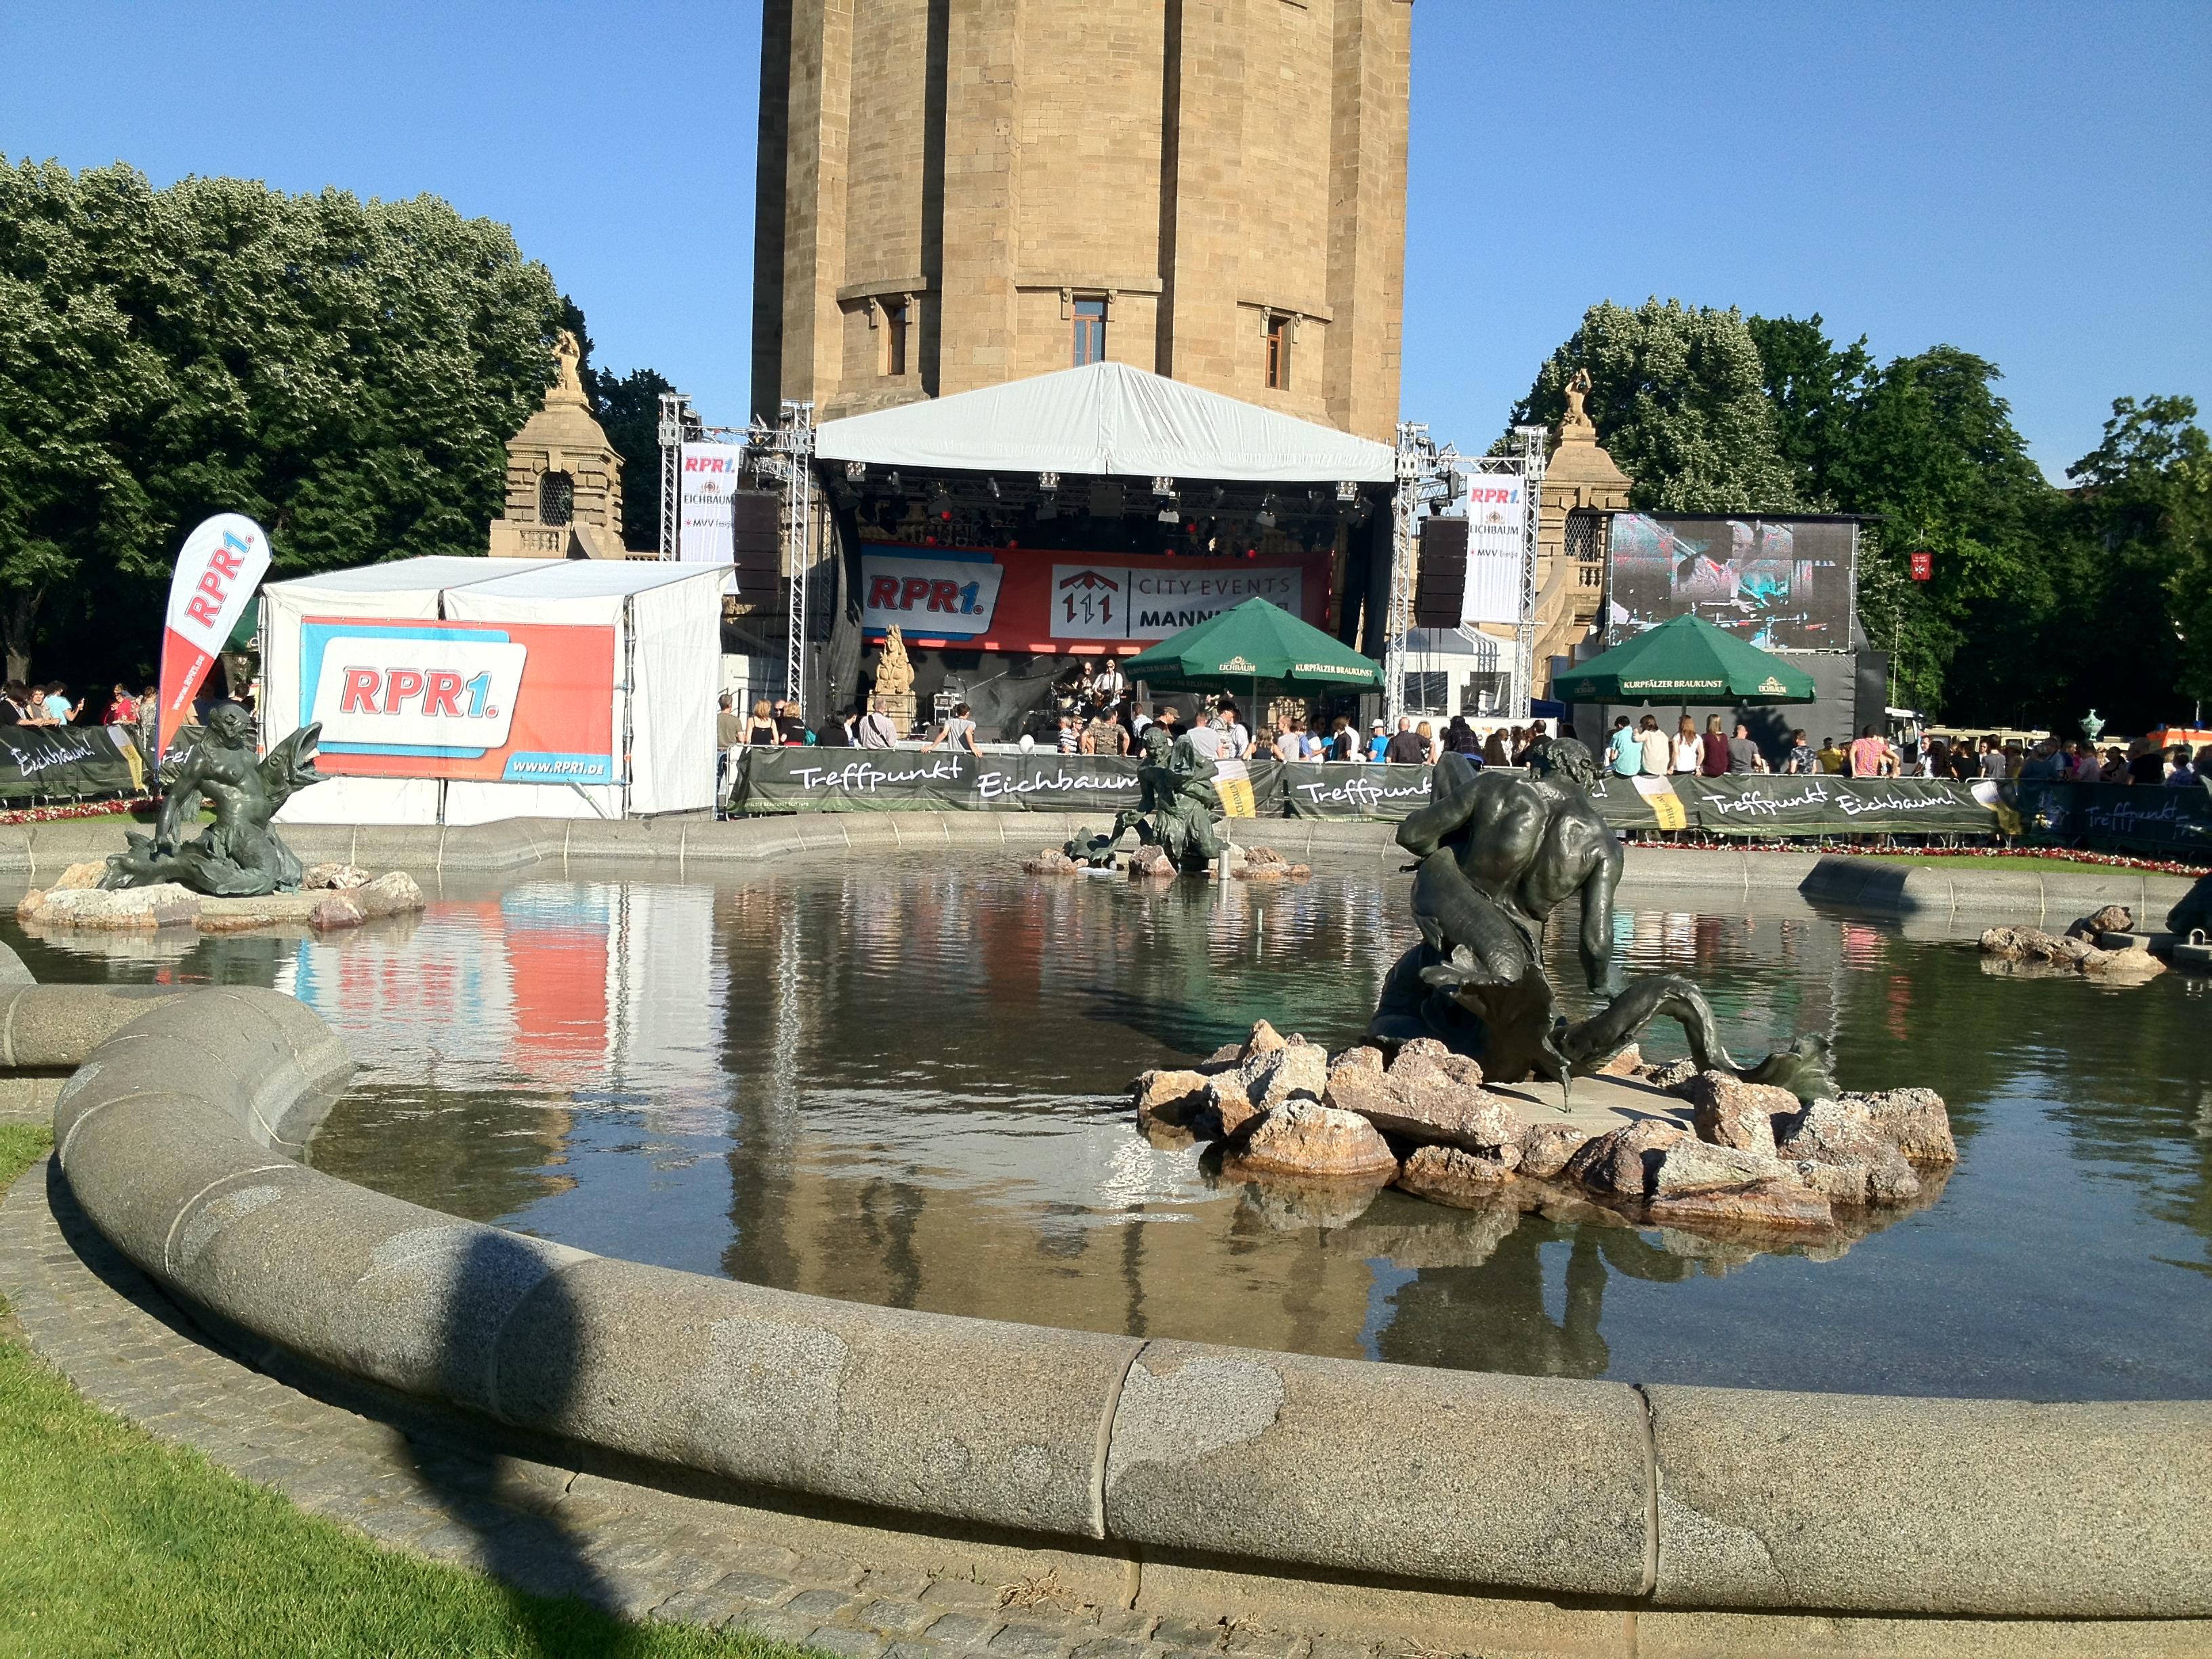 Die RPR Bühne auf dem Mannheimer Stadtfest am frühen Nachmittag